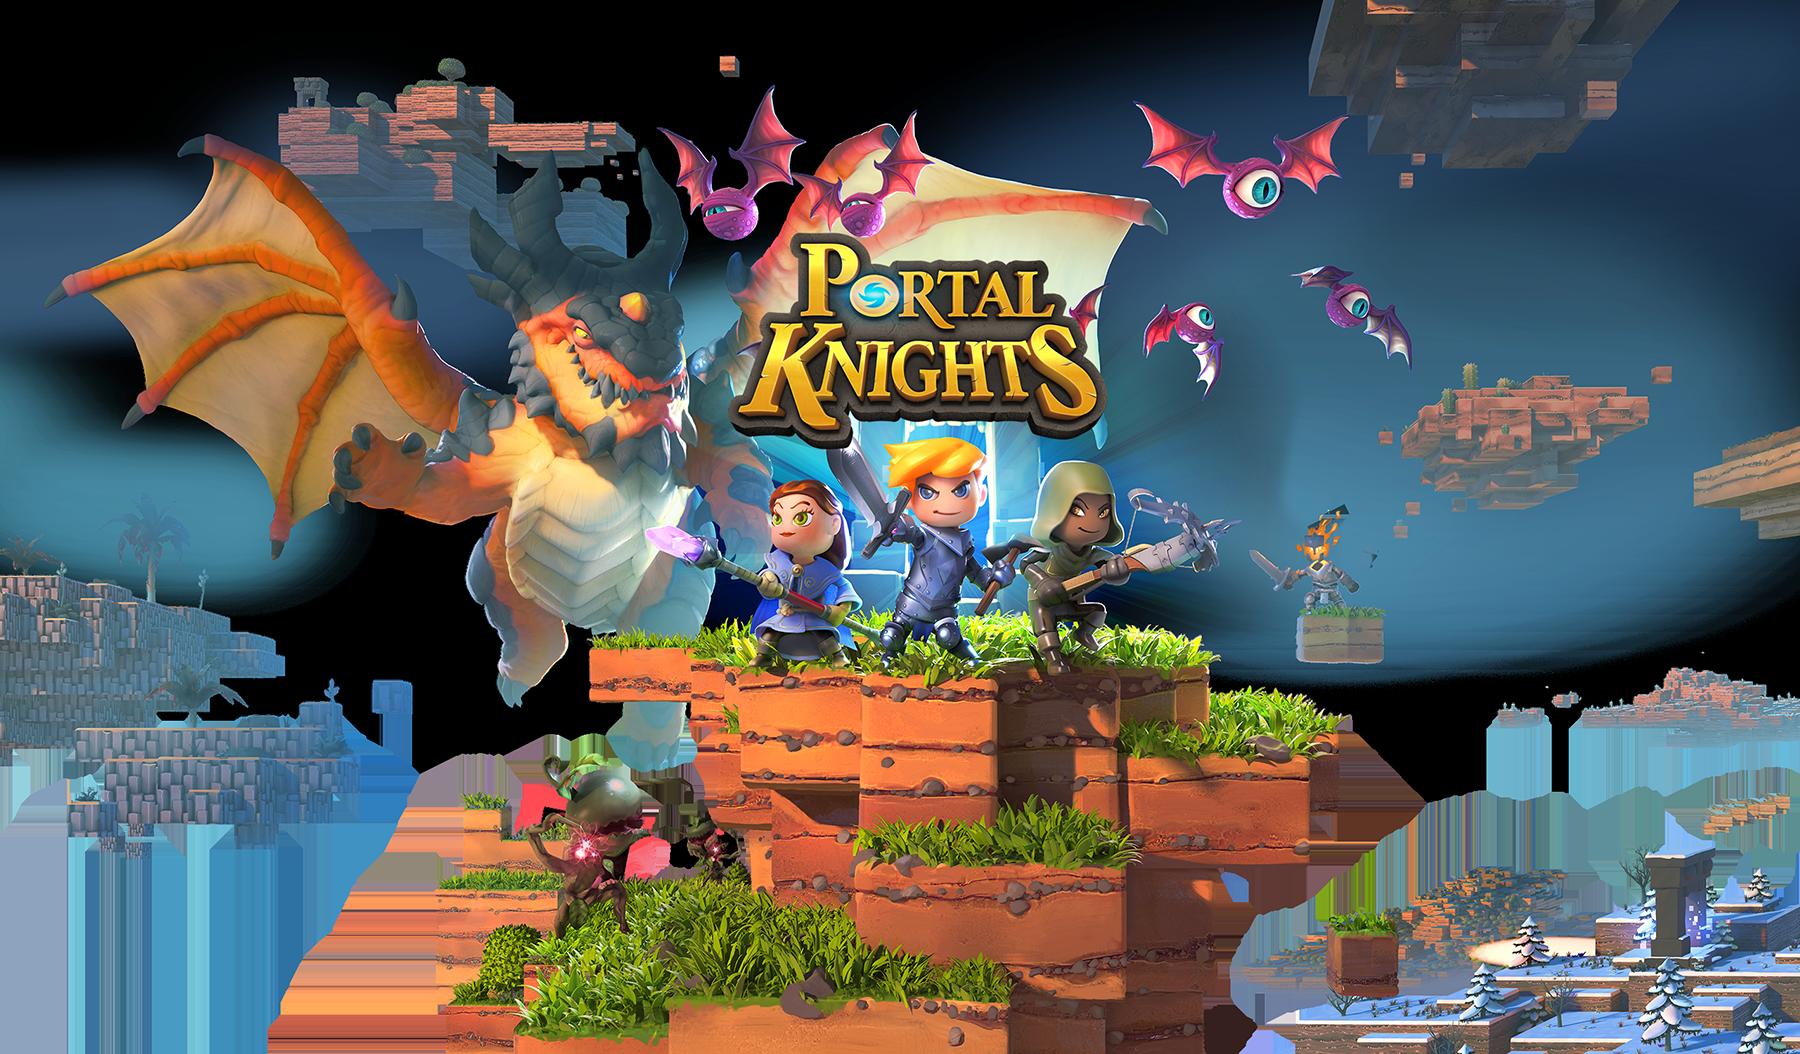 Portal Knights chega na próxima semana, versão física do jogo prevista para o início de 2018